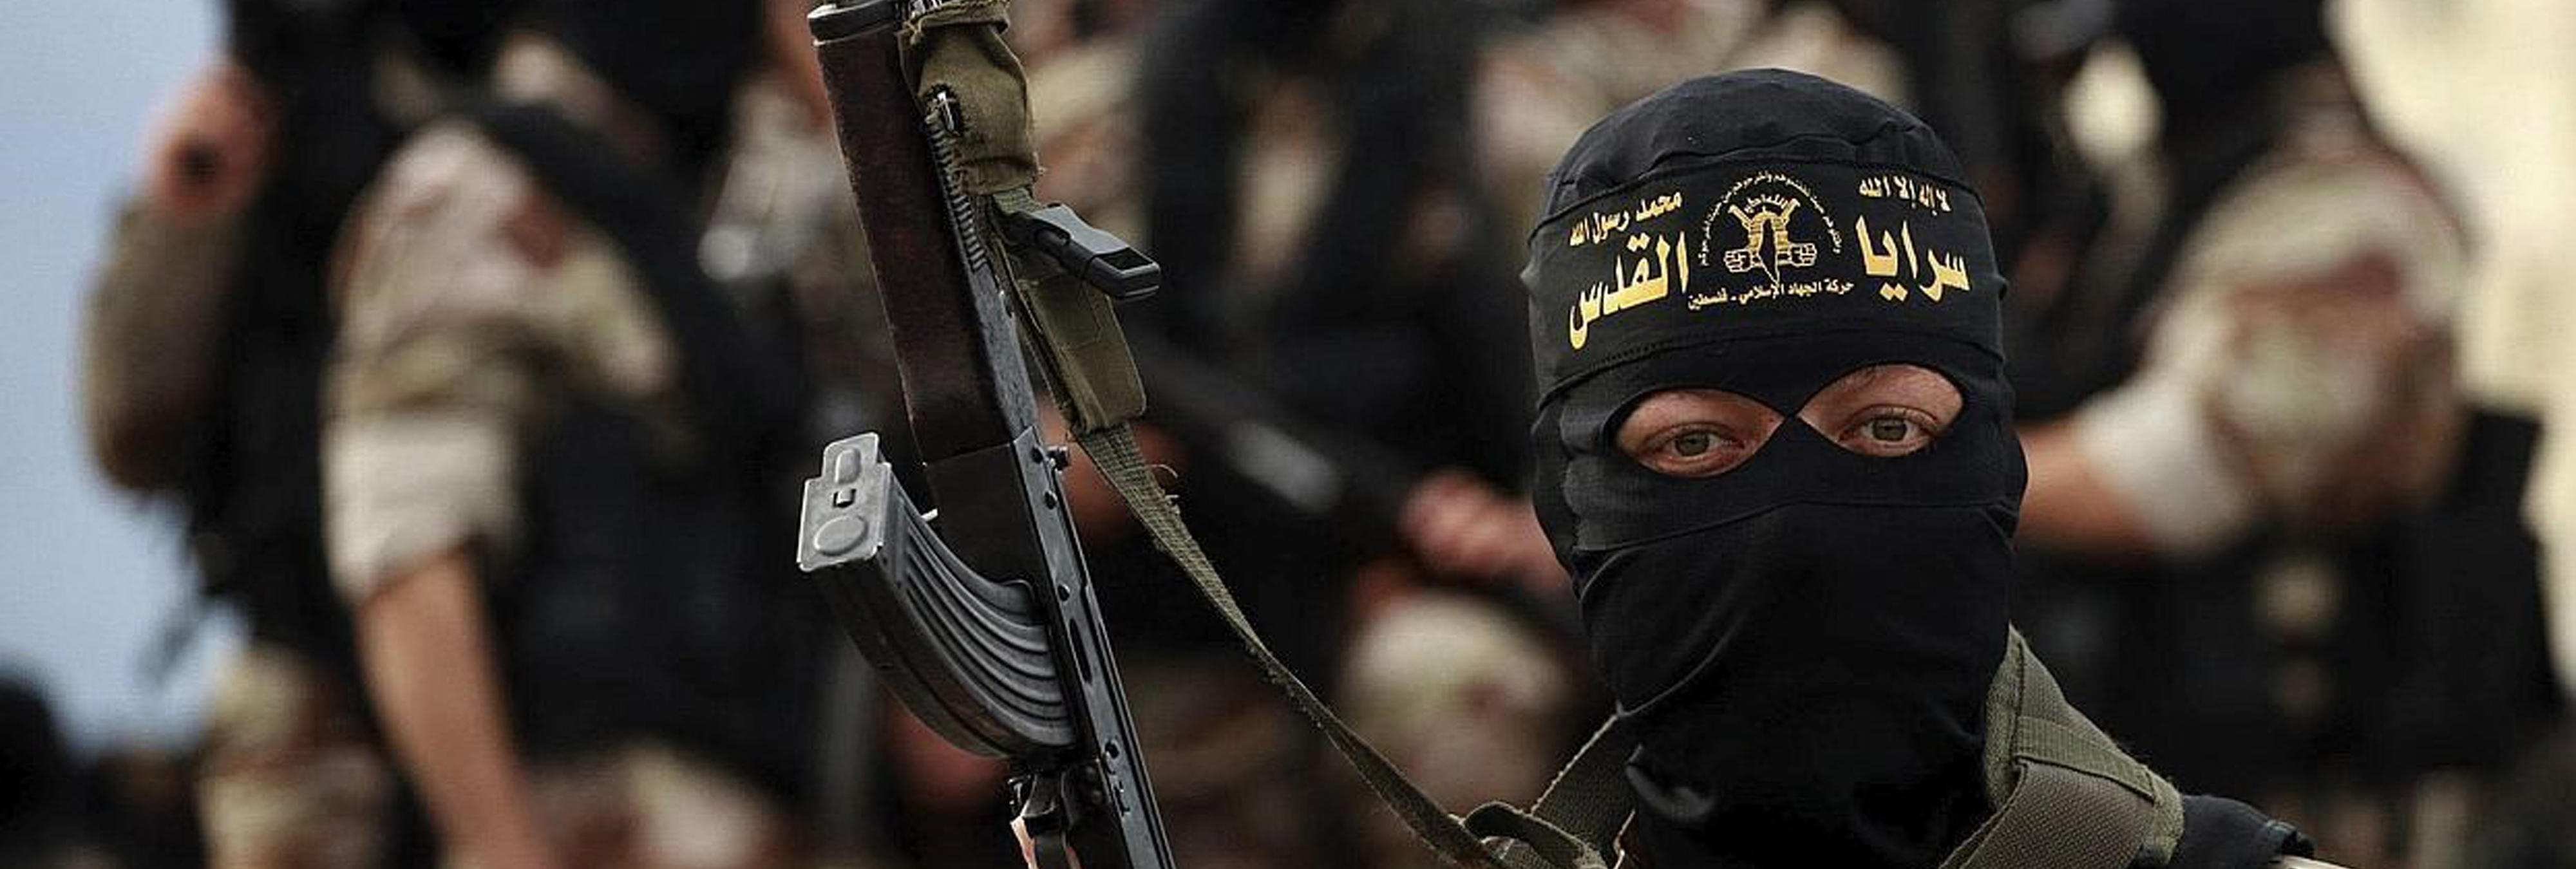 El Estado Islámico en España: la guerra yihadista se lucha en nuestro país